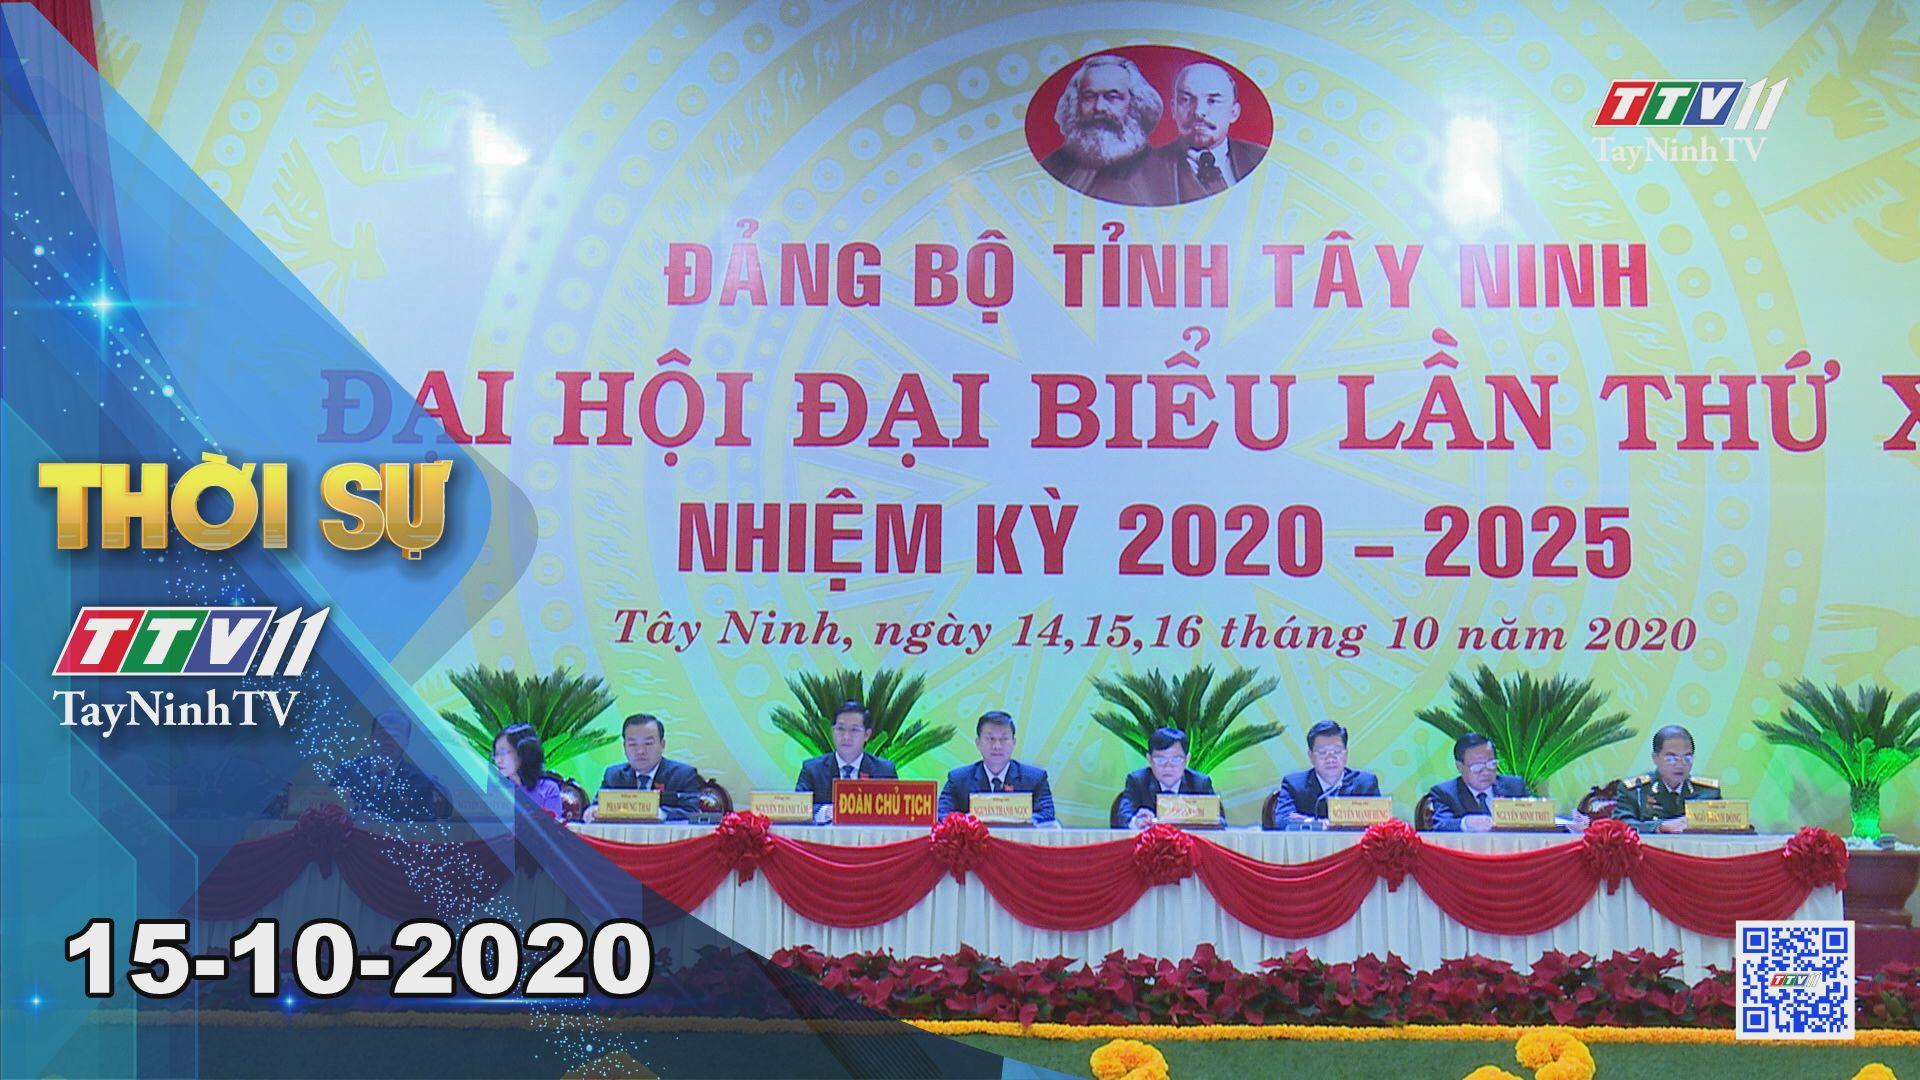 Thời sự Tây Ninh 15-10-2020 | Tin tức hôm nay | TayNinhTV